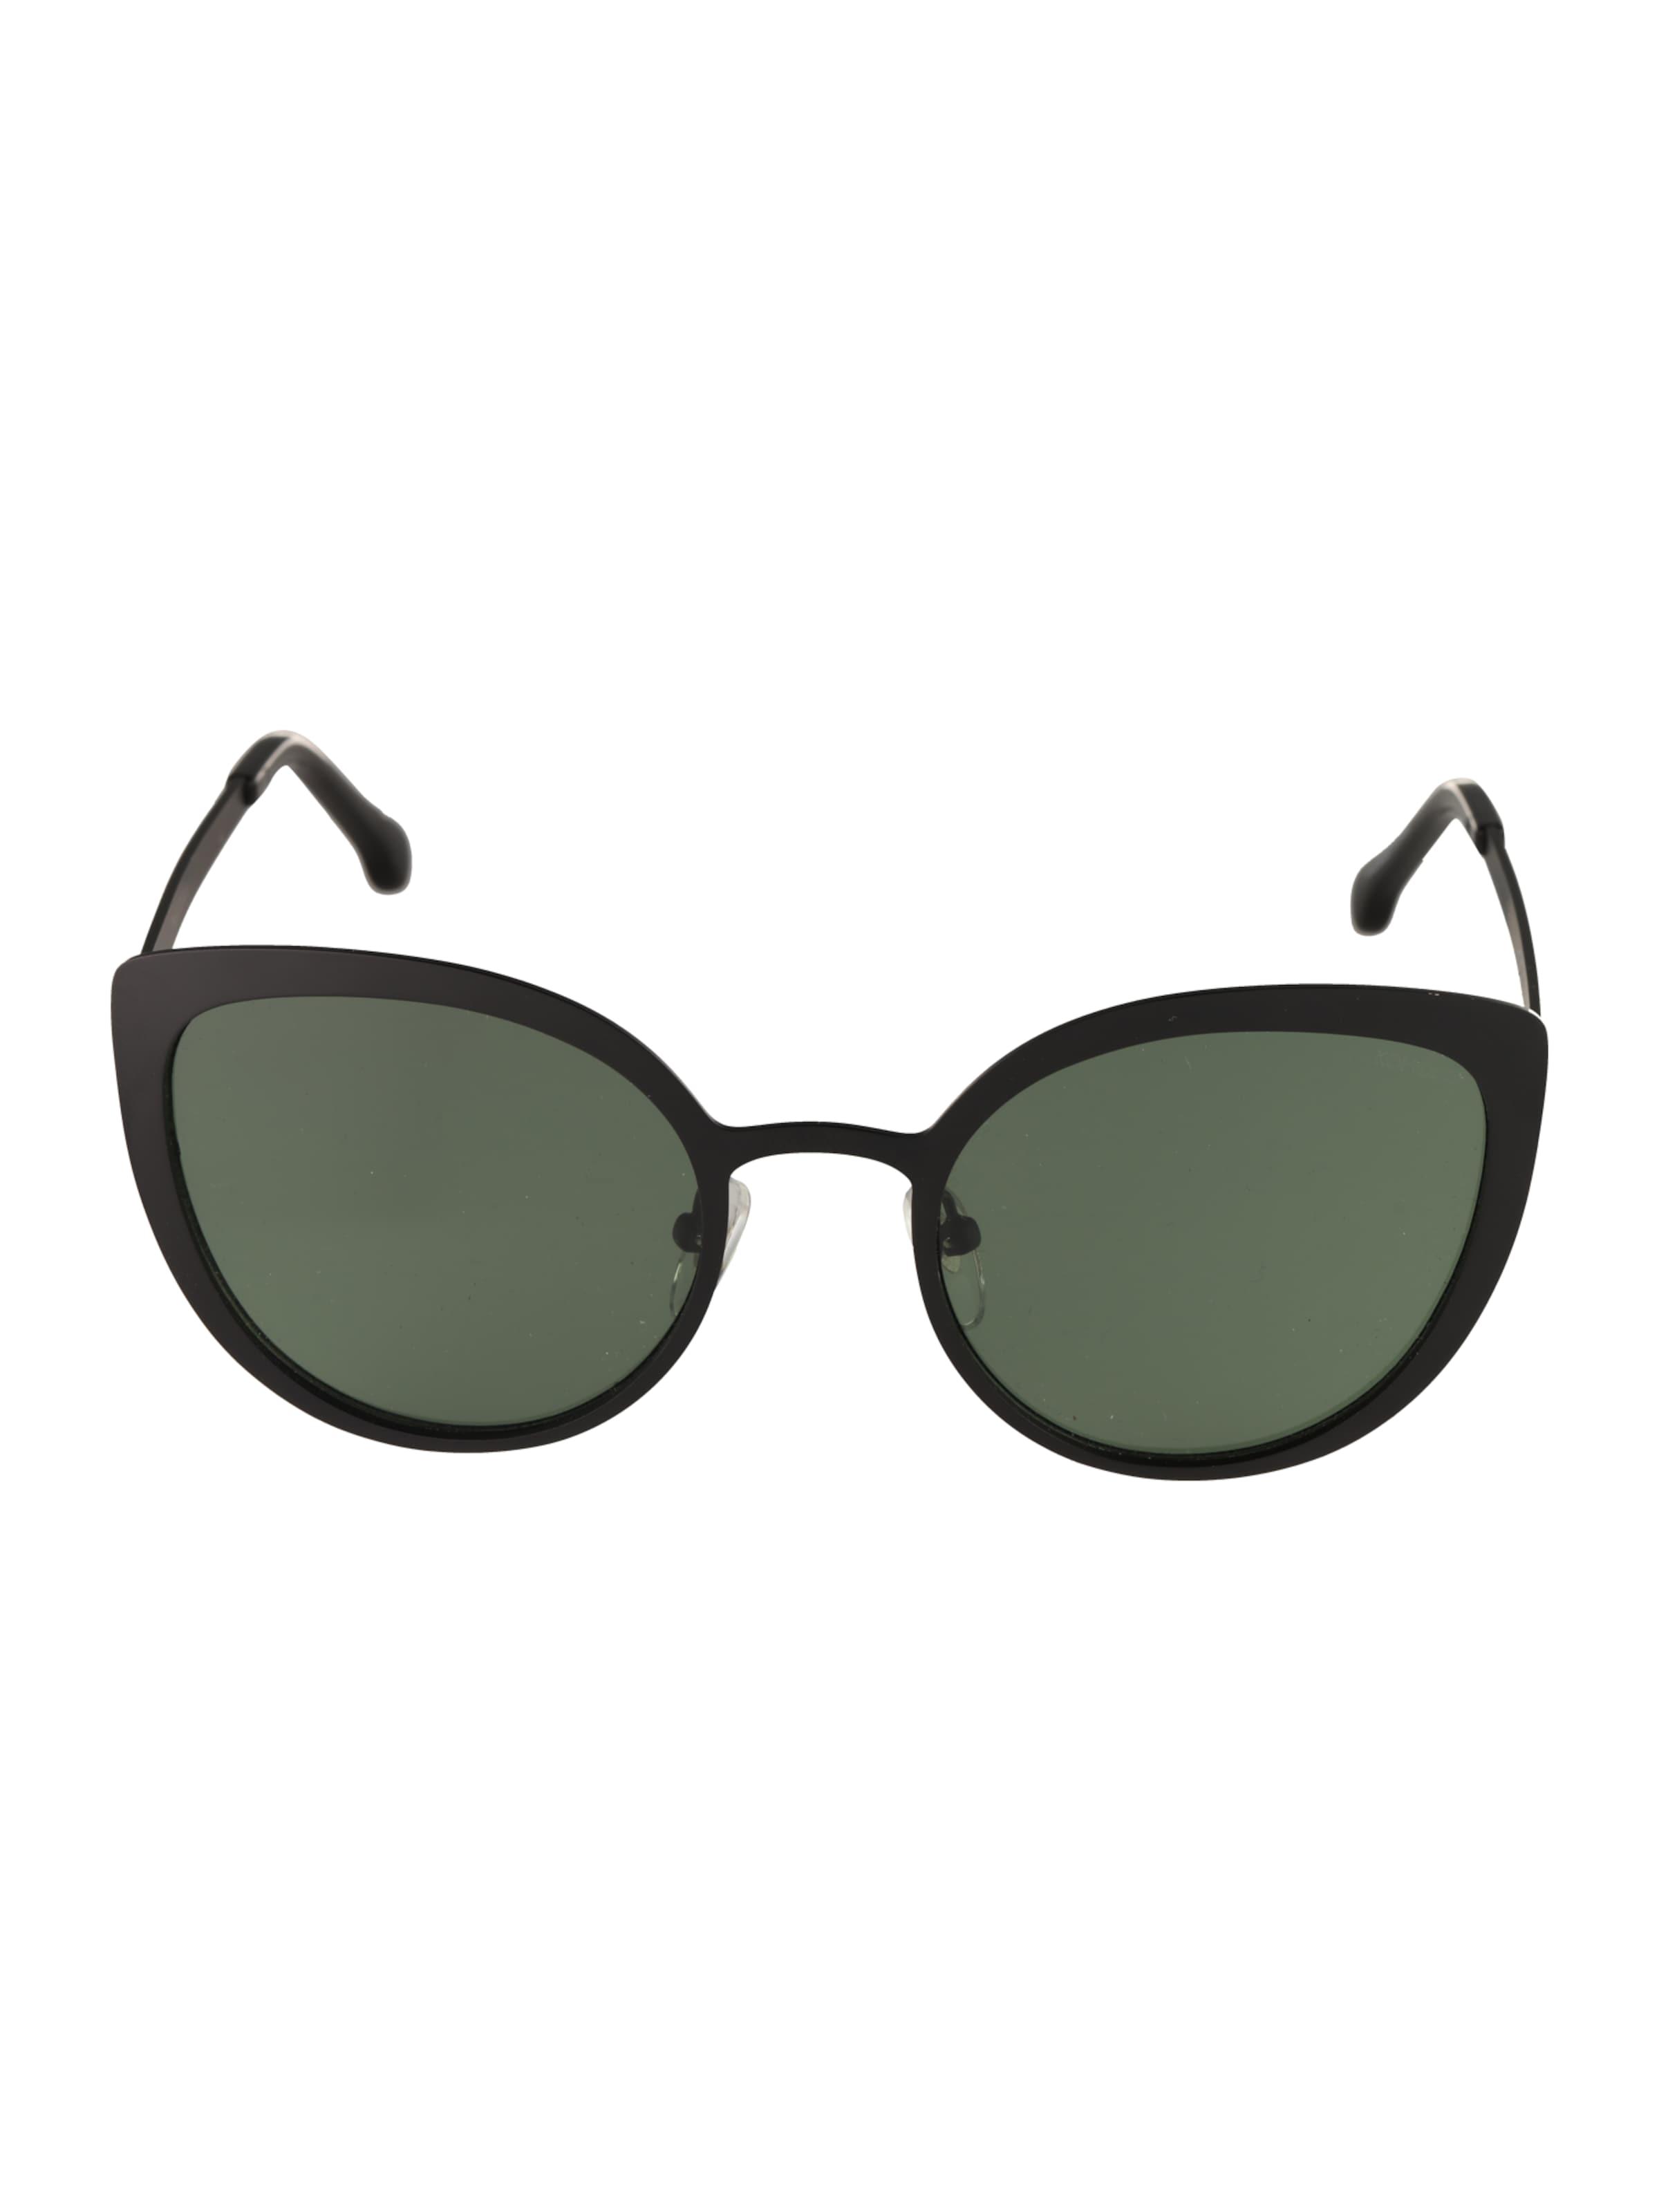 Komono Sonnenbrille 'LOGAN' Rabatt Neuesten Kollektionen Zahlen Mit Paypal Günstigem Preis K8m1RY